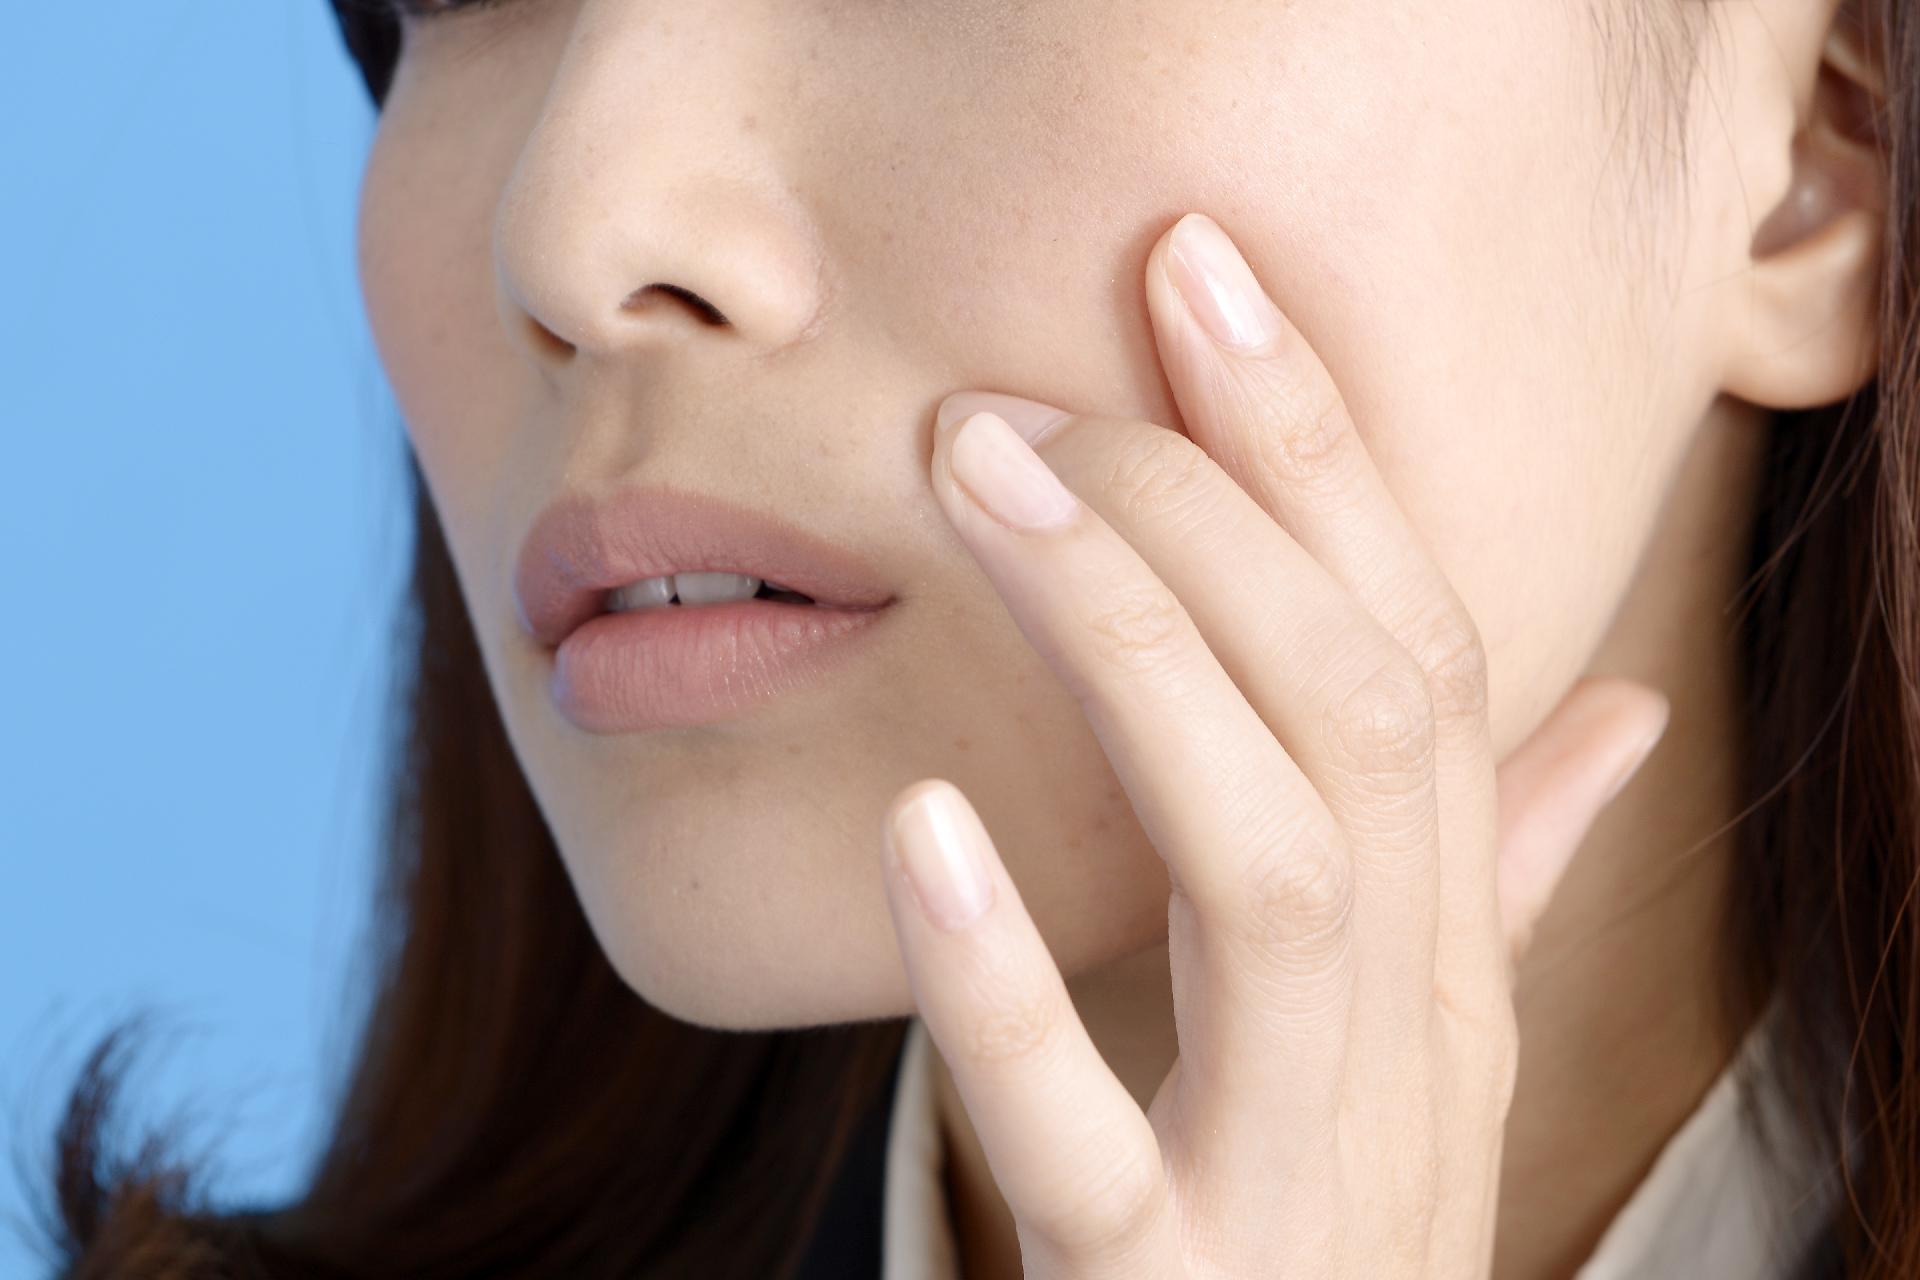 アレルギー・皮膚炎が顔にできた時の原因や対処法